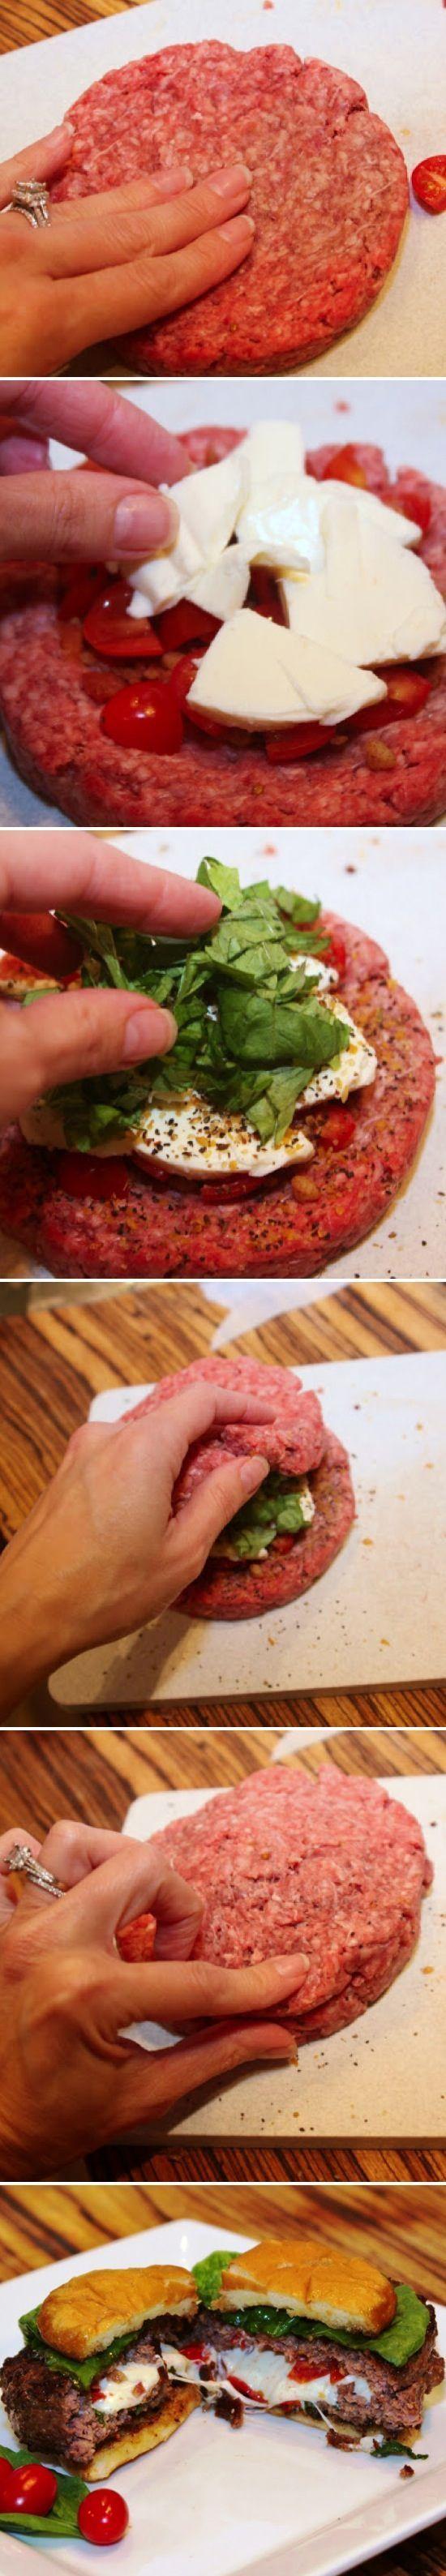 Caprese Burger Recipe: